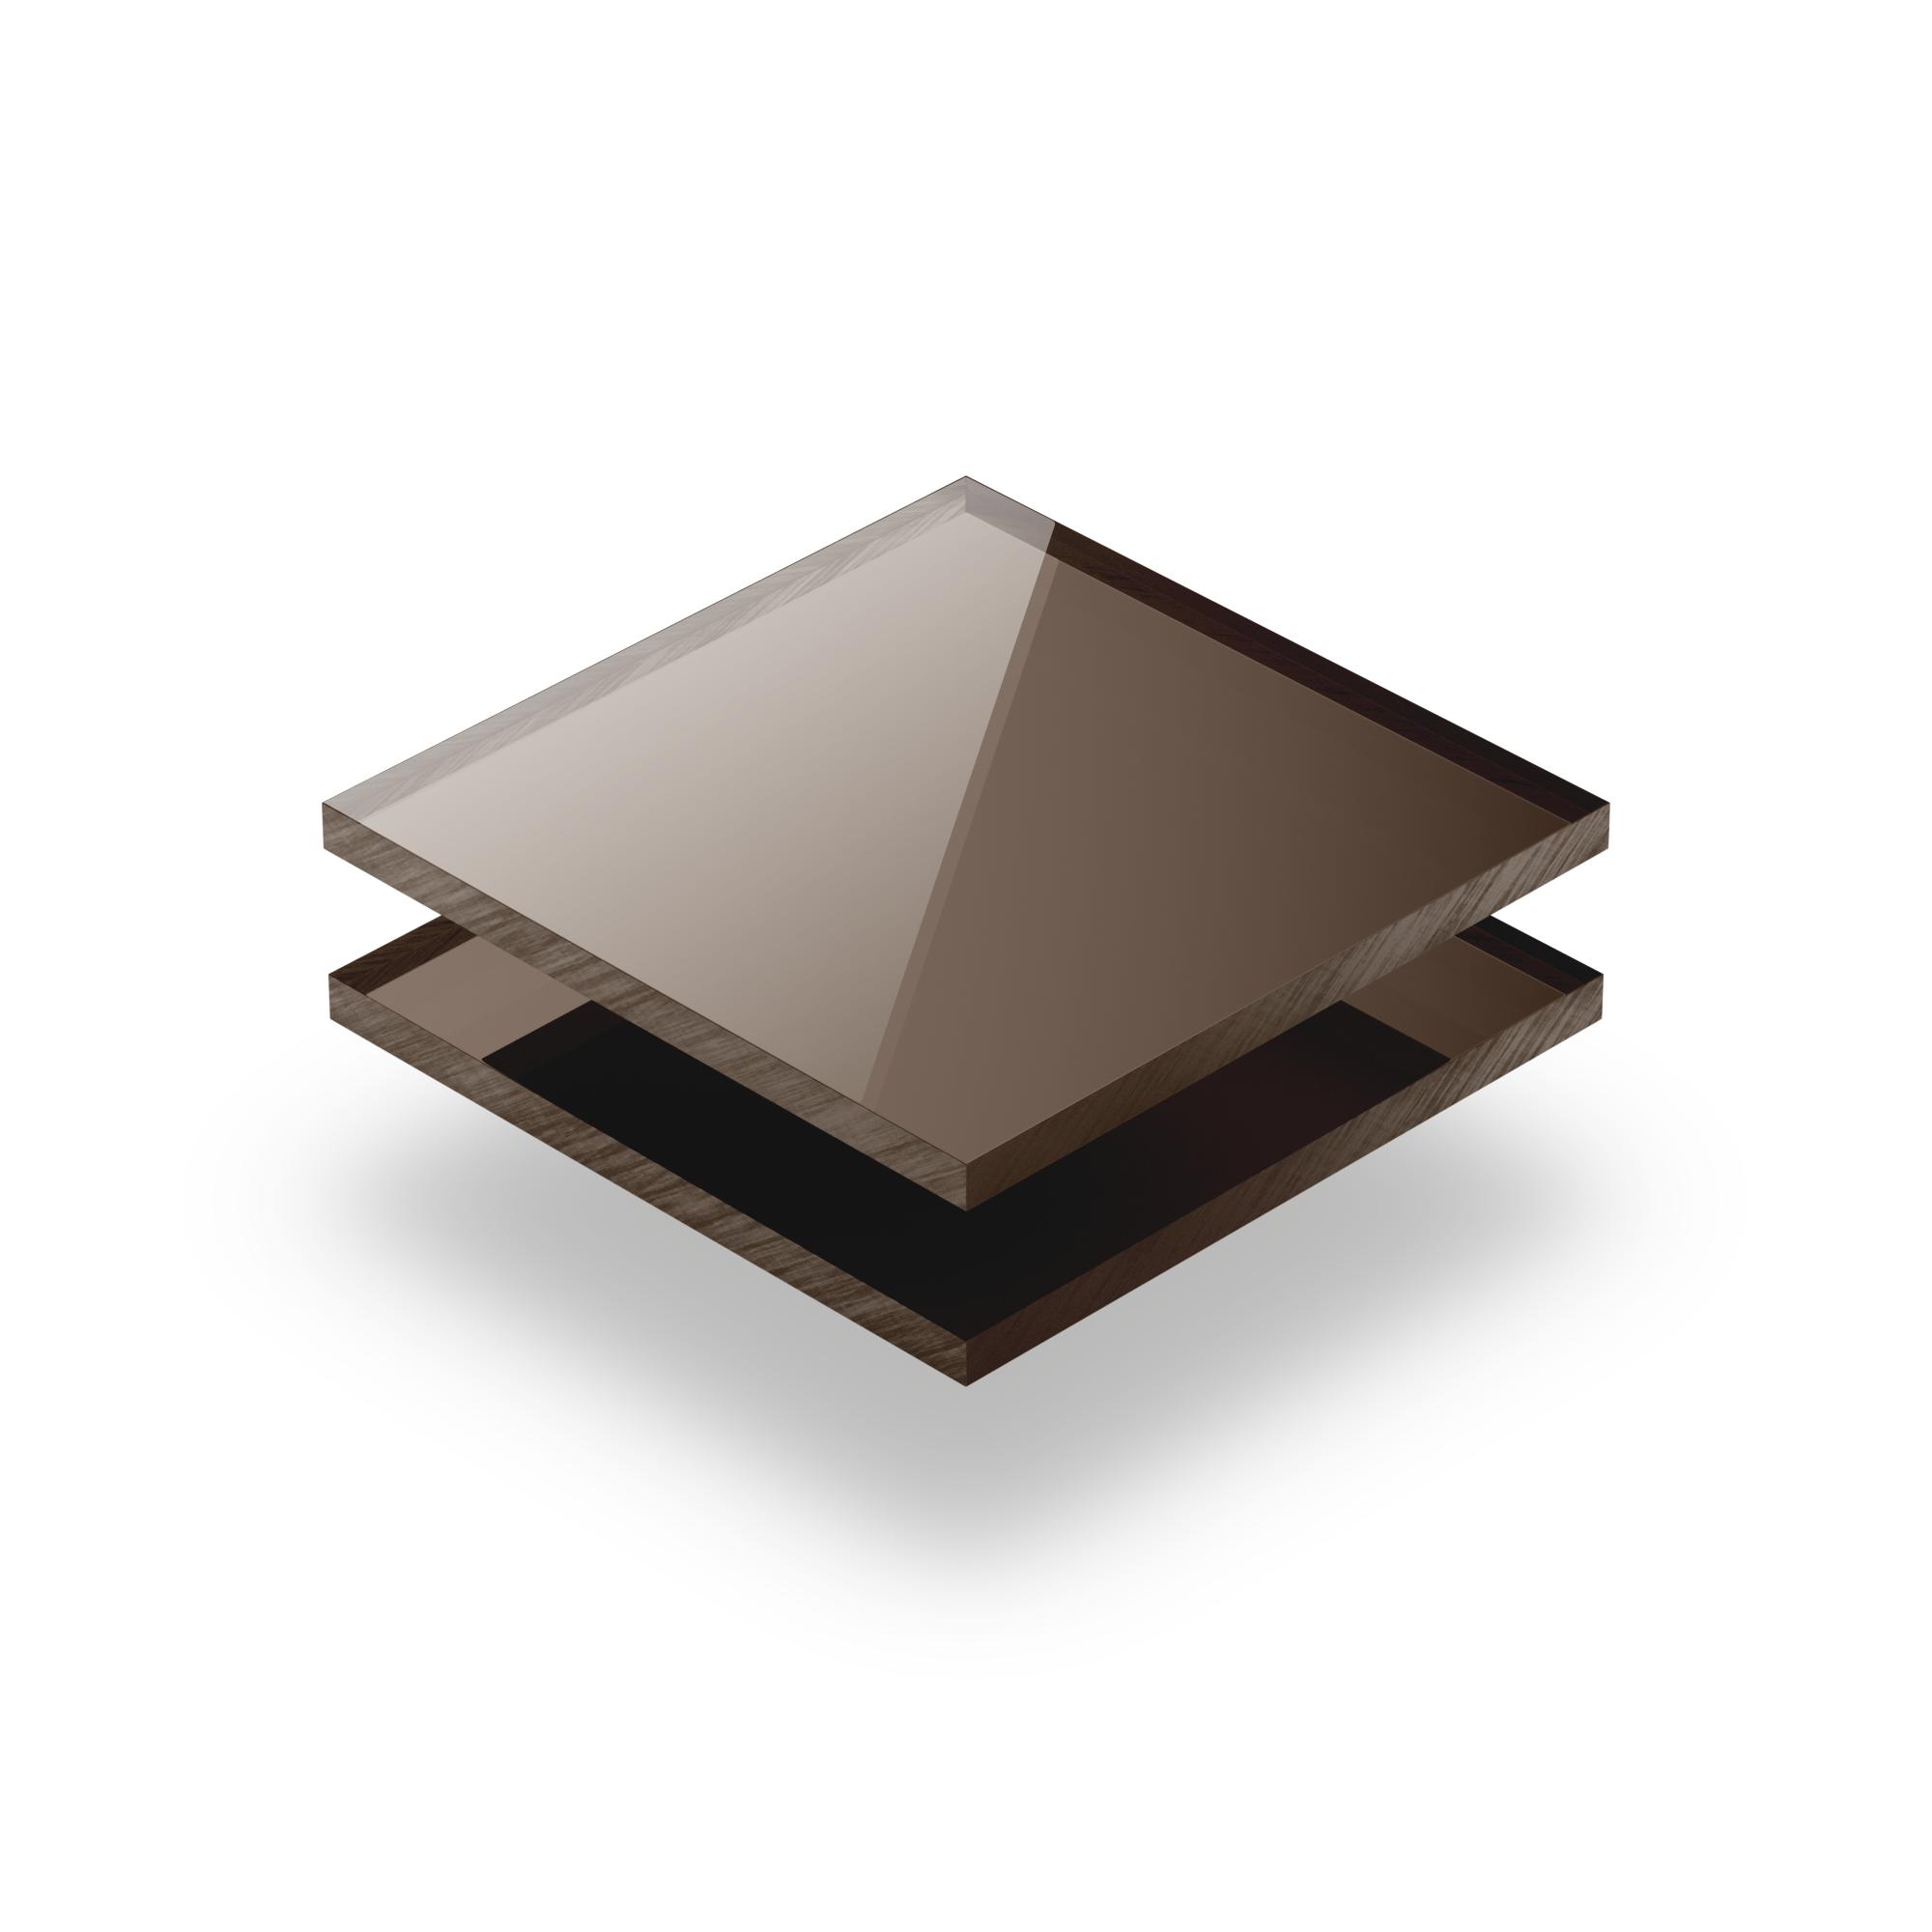 70 x 35 cm Acryl-Spiegel//Plexiglas-Spiegel 3mm XT